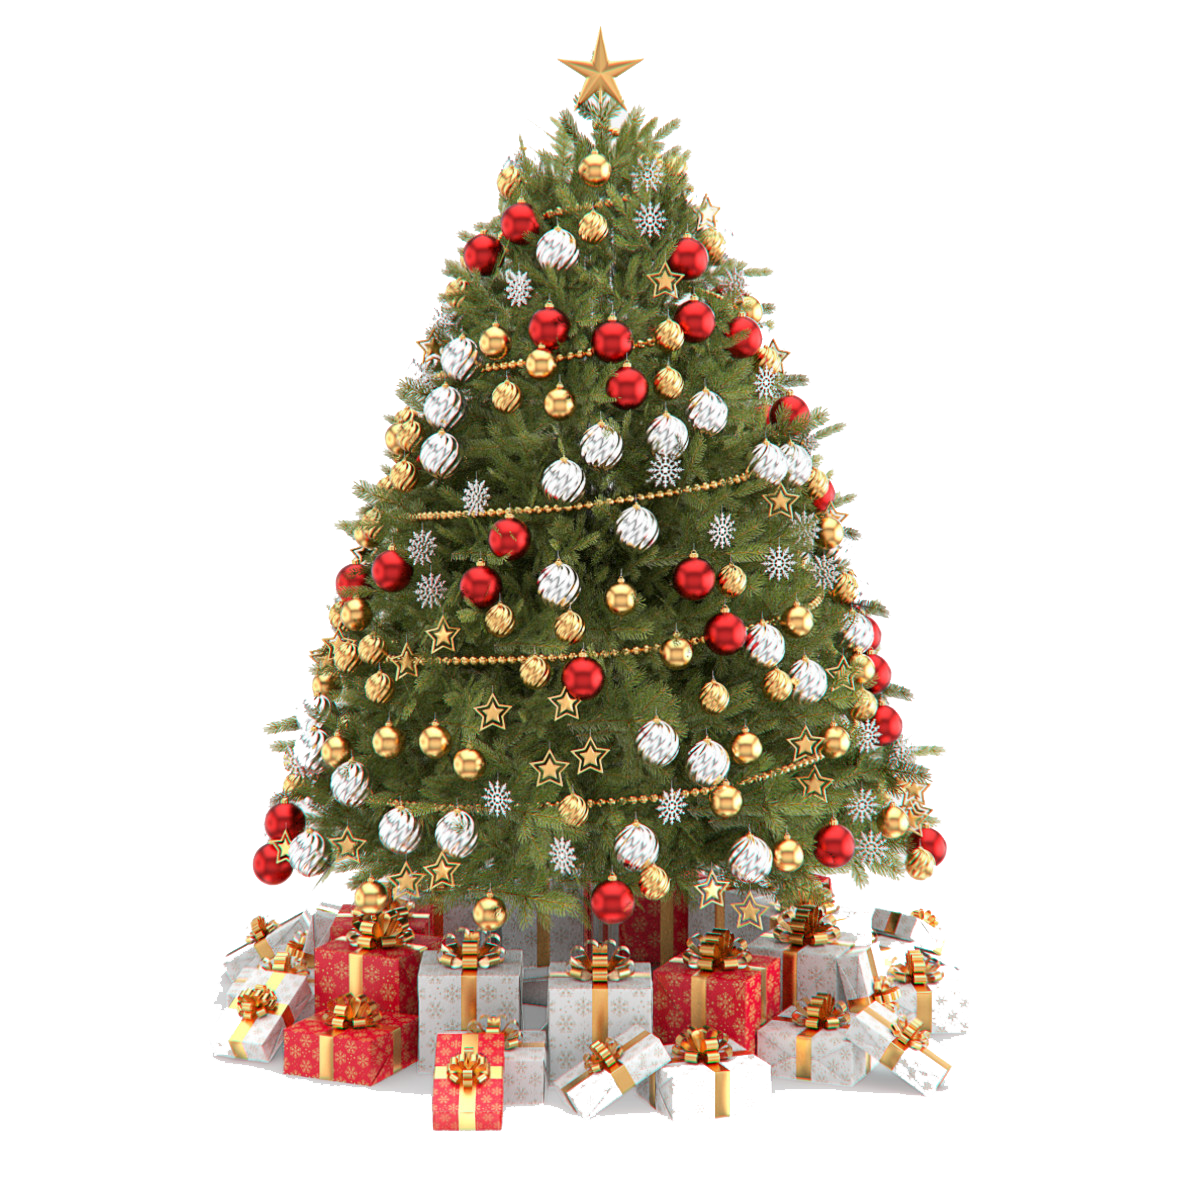 Christmas Tree PNG - 6110